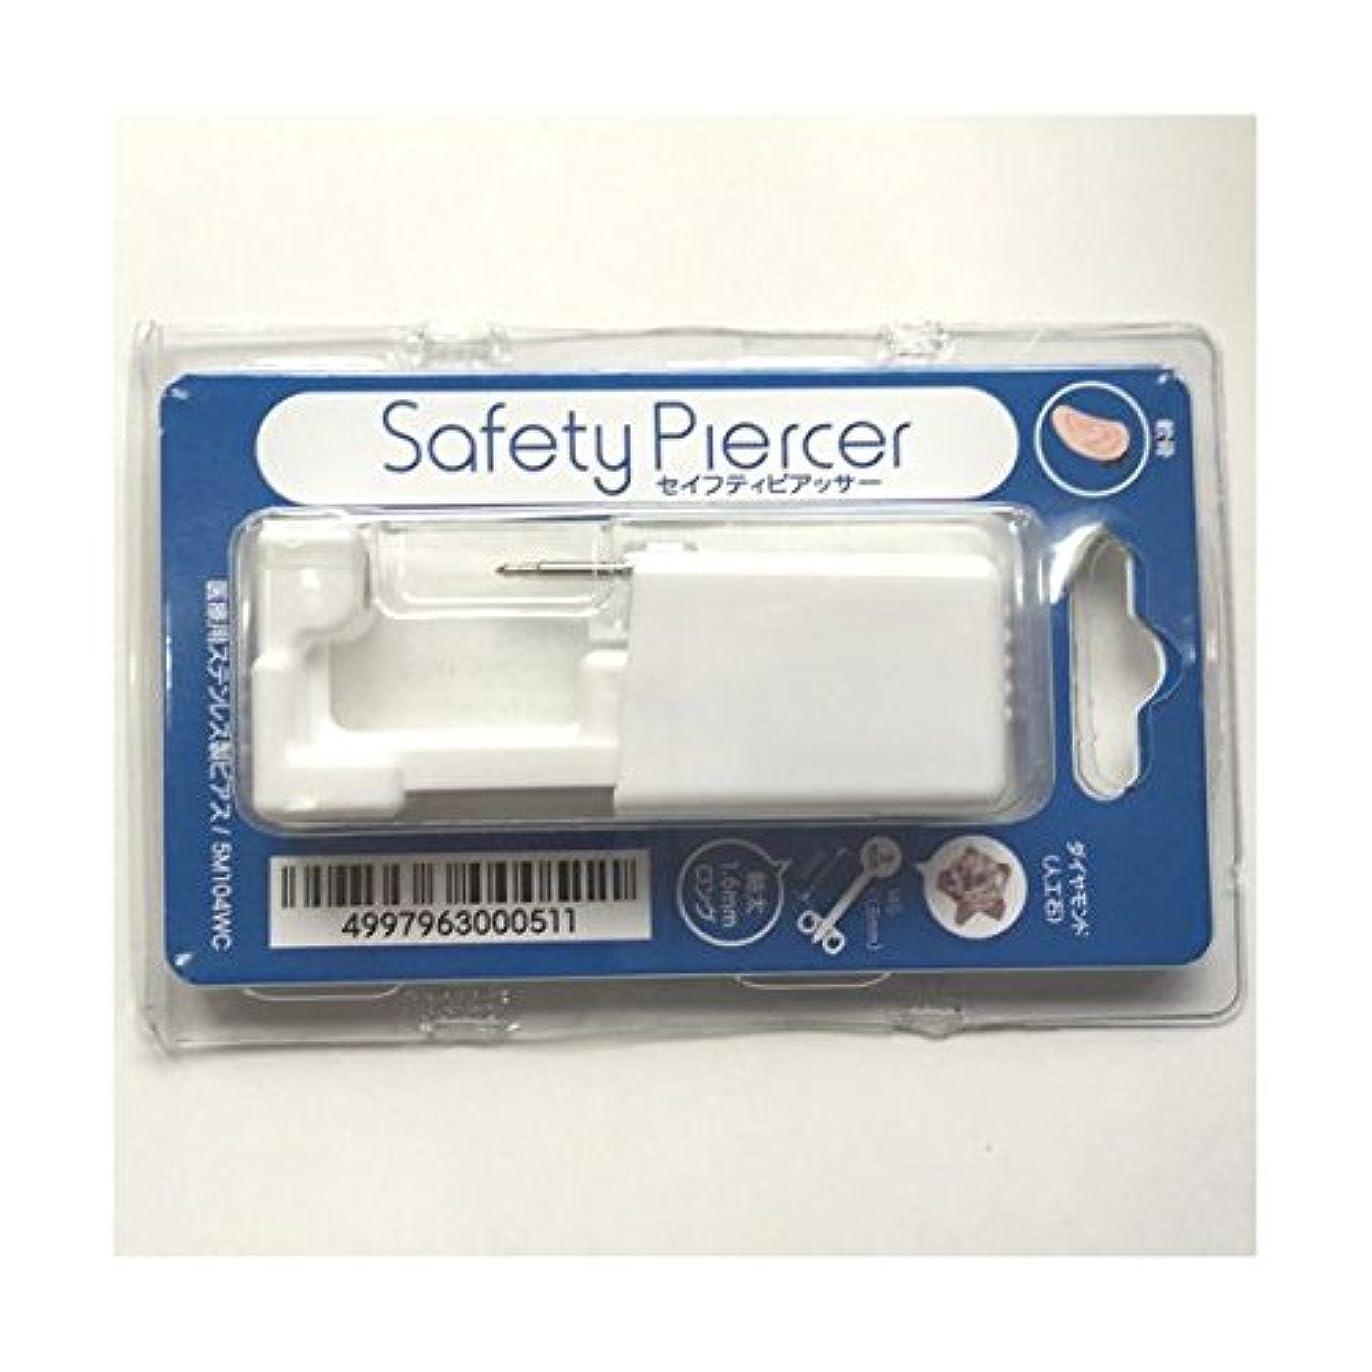 ポーン熱心な決してセイフティピアッサー シルバー(医療用ステンレス) 3mm ダイヤ 軟骨用 5M104WC(正規品)